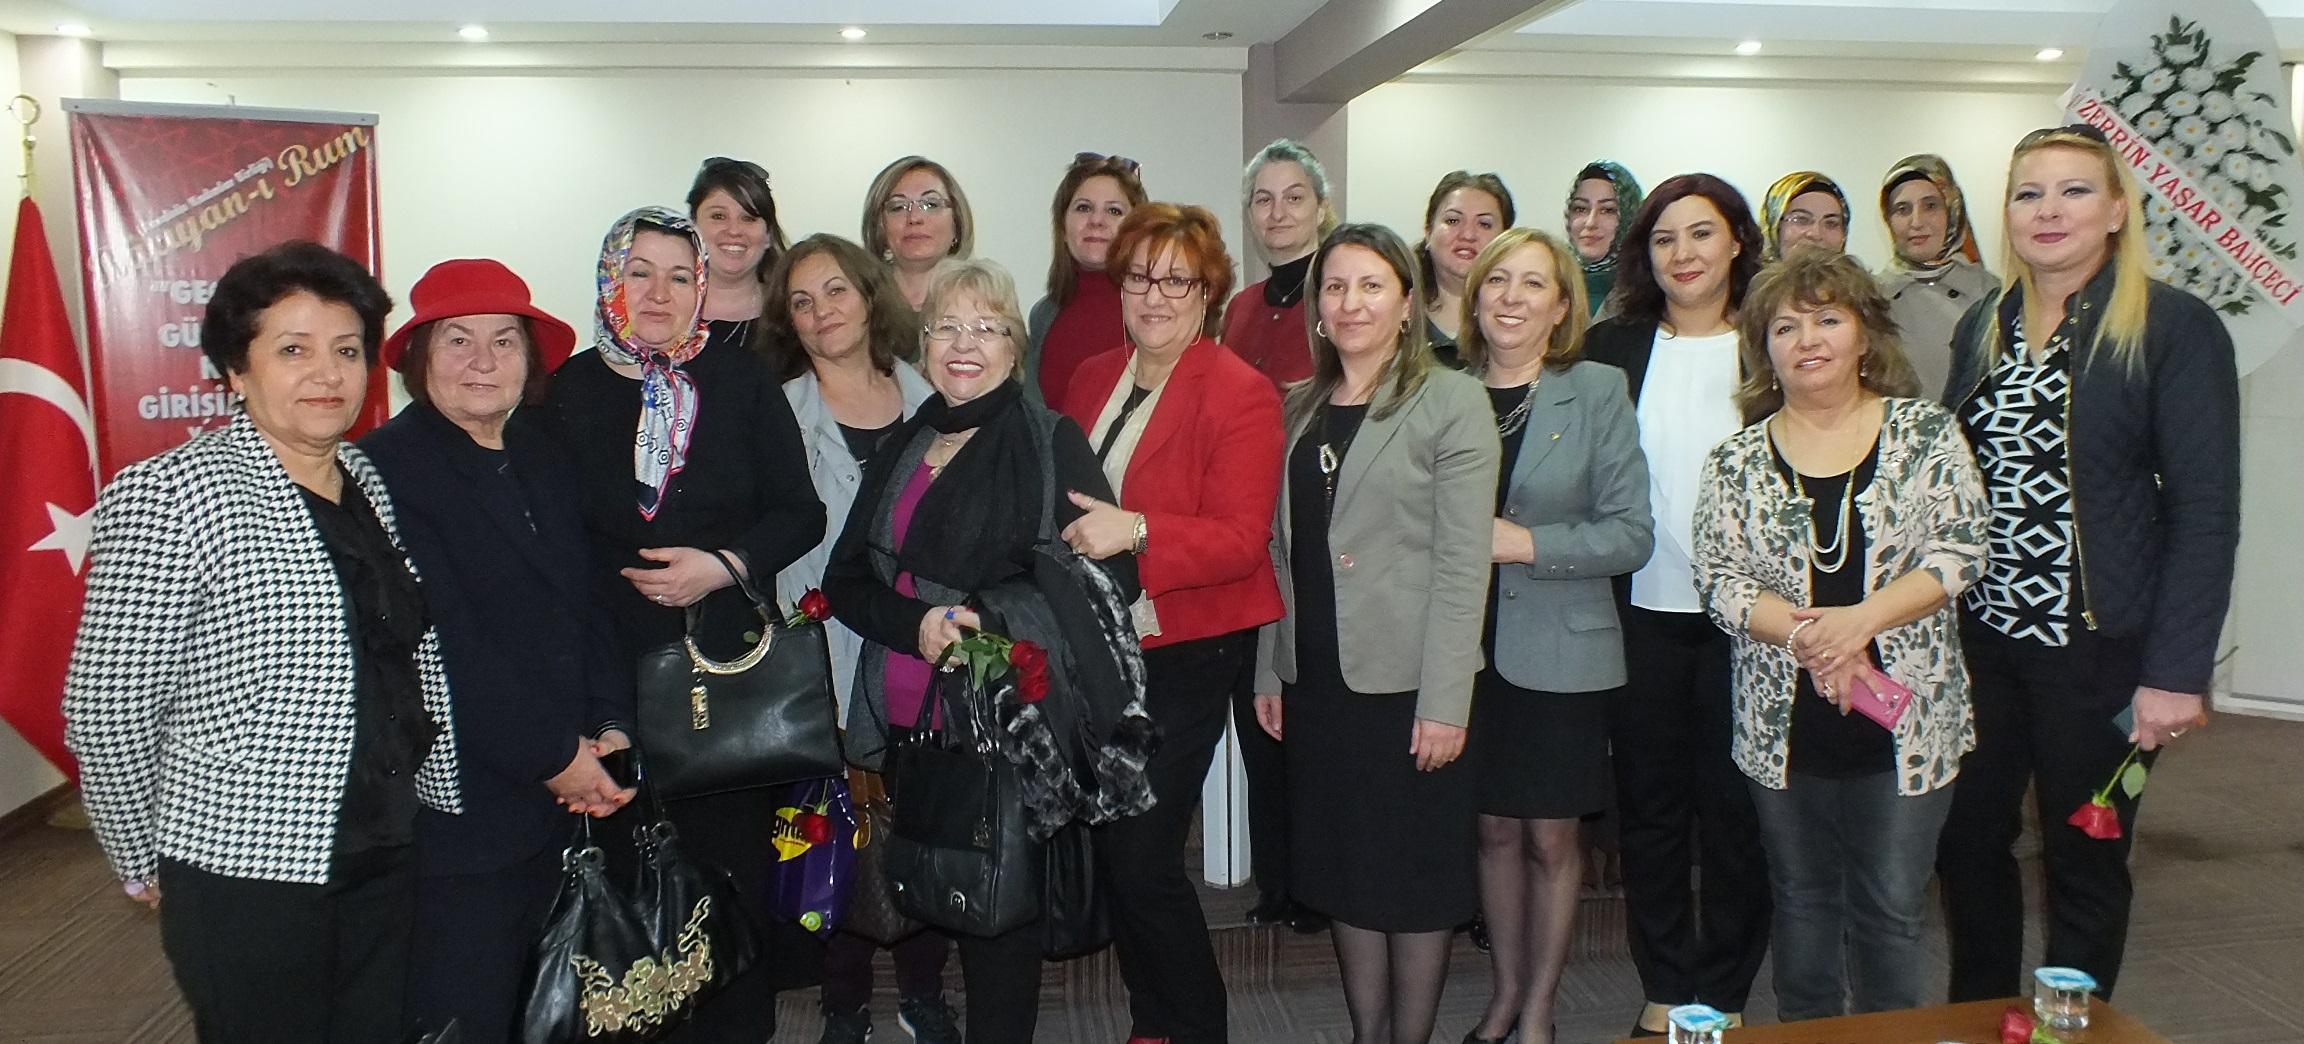 Ticarette ve Yönetimde Kadın Hakları